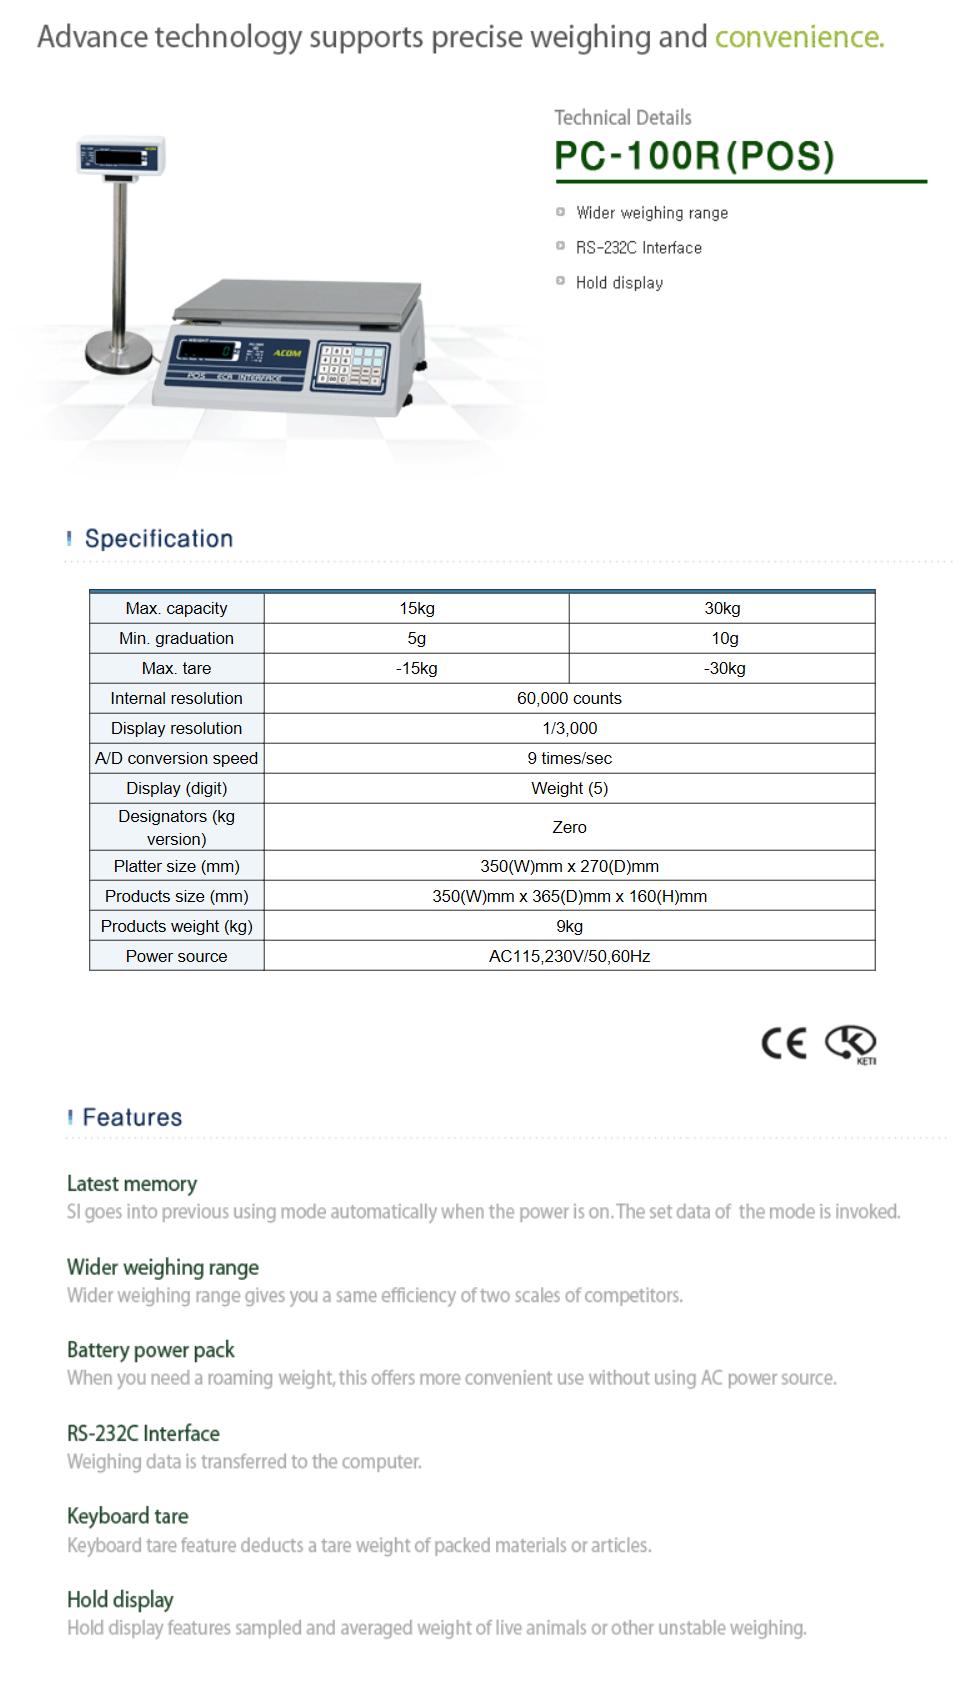 ACOM Technical Details PC-100R (POS)